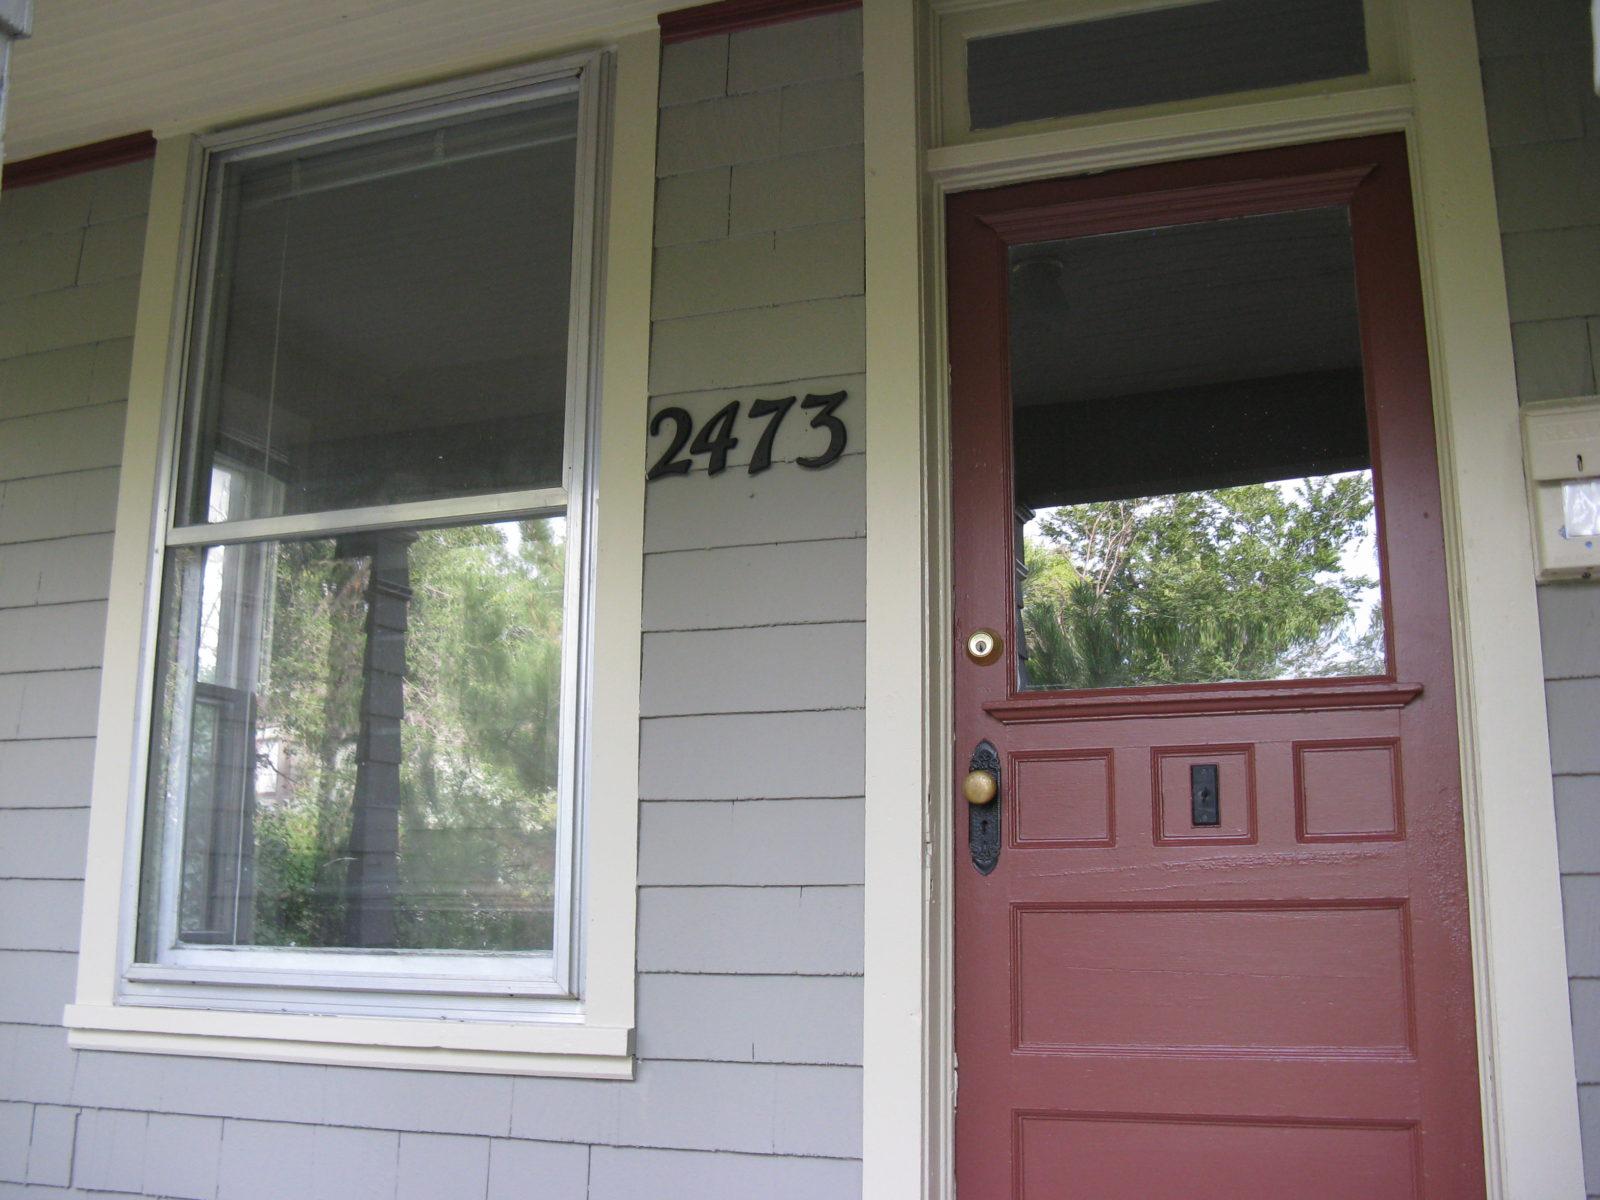 2473: Porch Entry